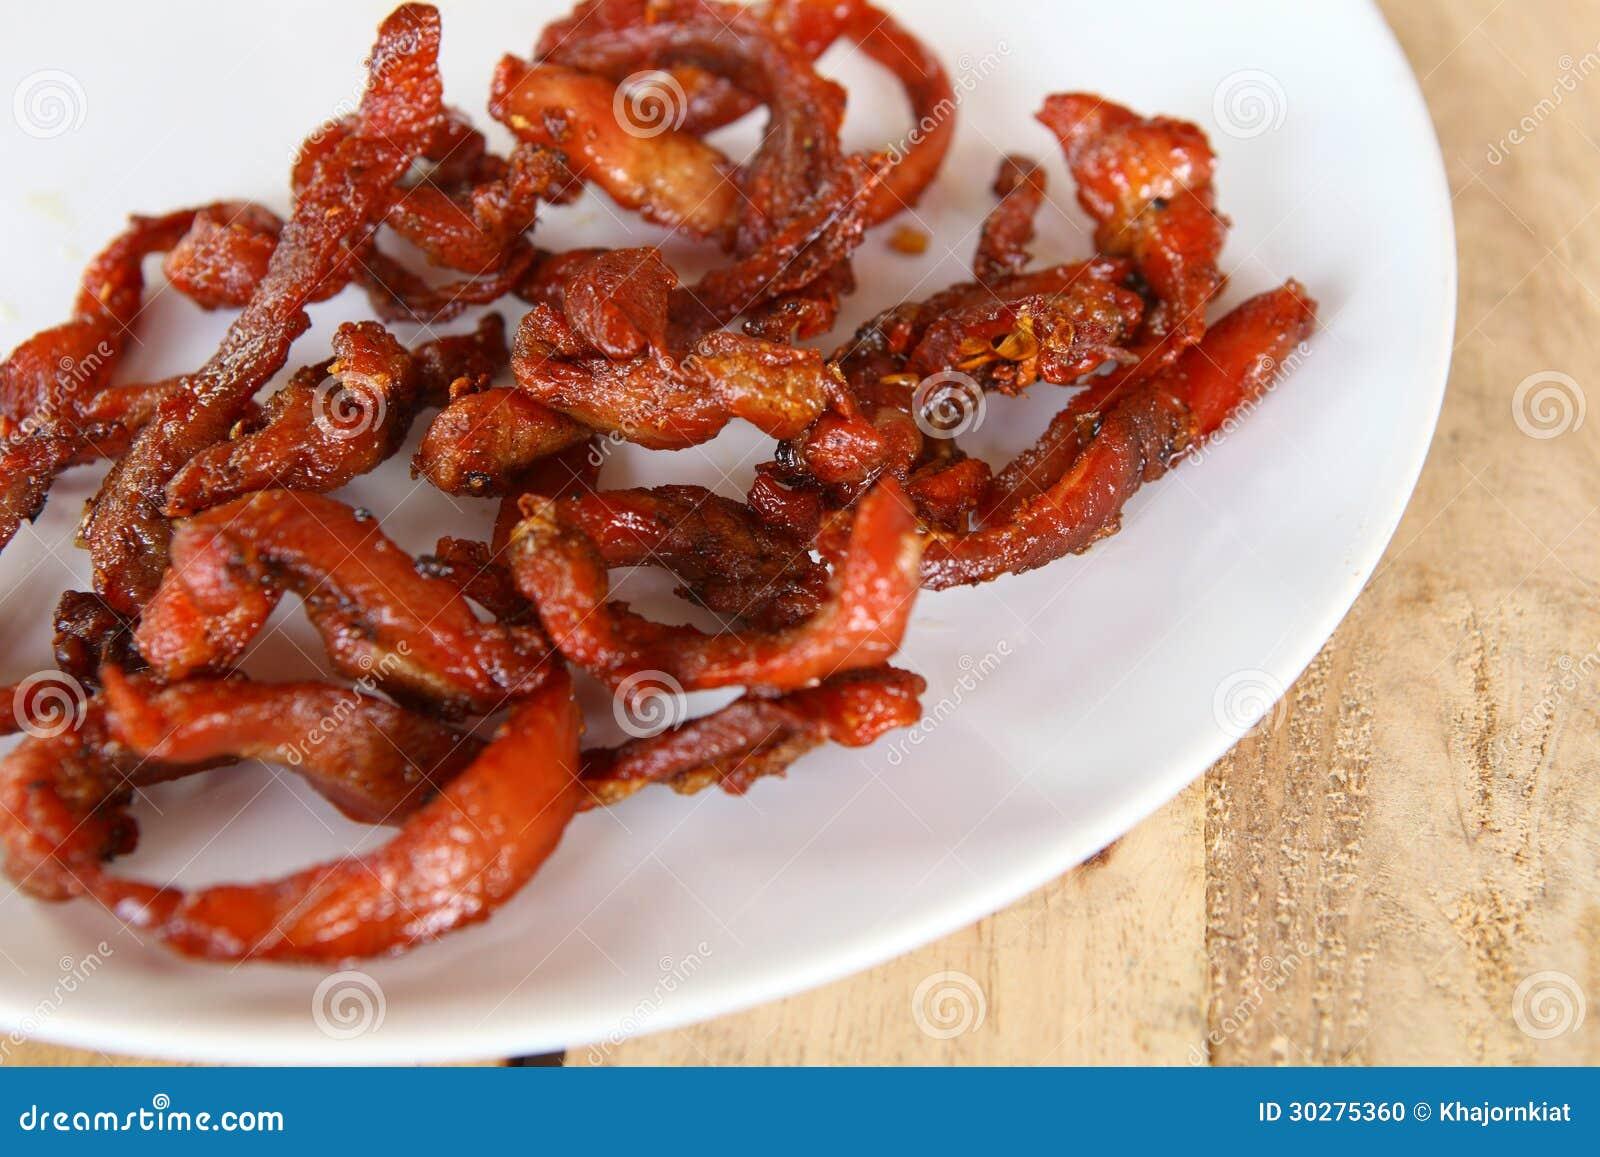 油煎的猪肉。